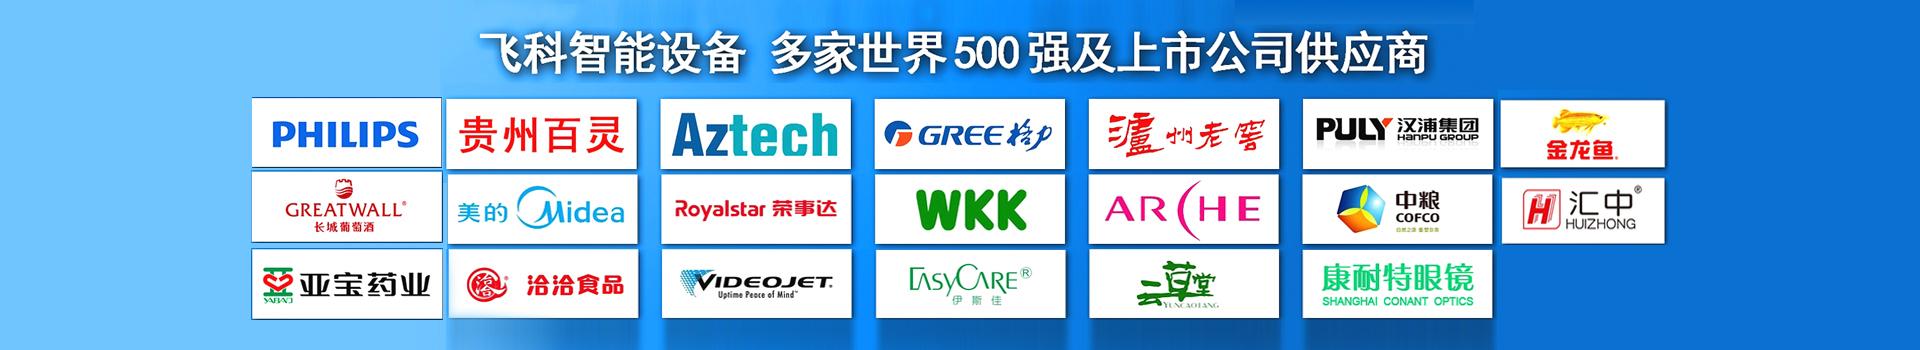 東莞市飛科自動化科技有限公司